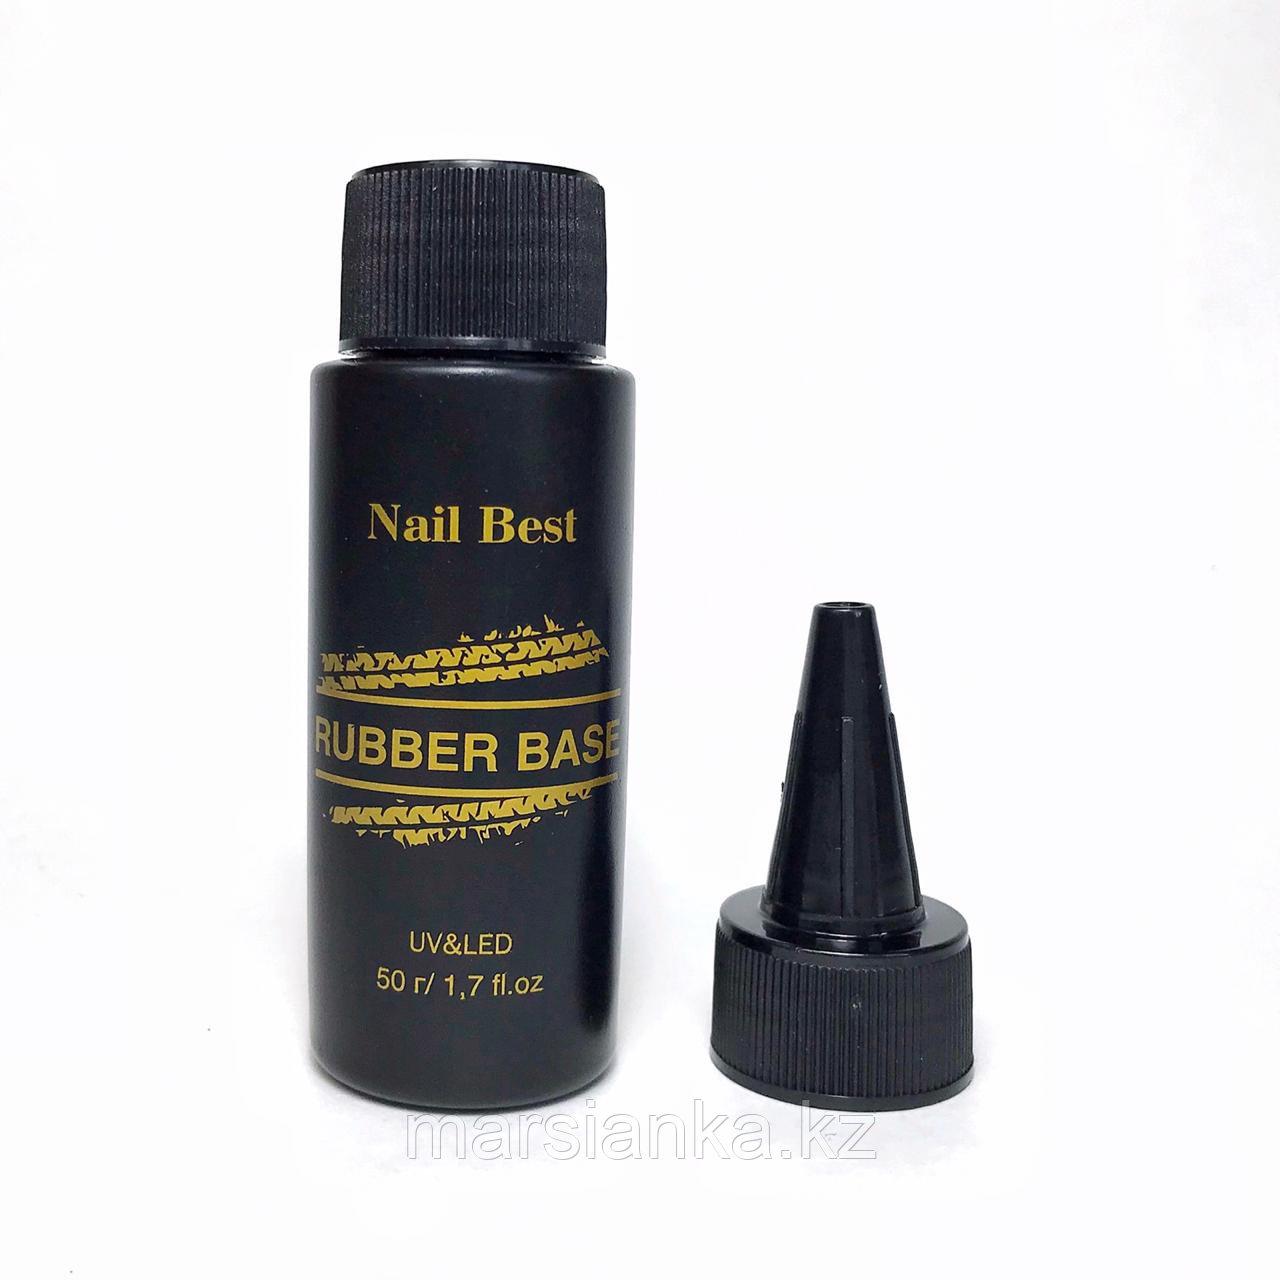 База Nail Best Rubber base (каучуковая прозрачная база), 50мл